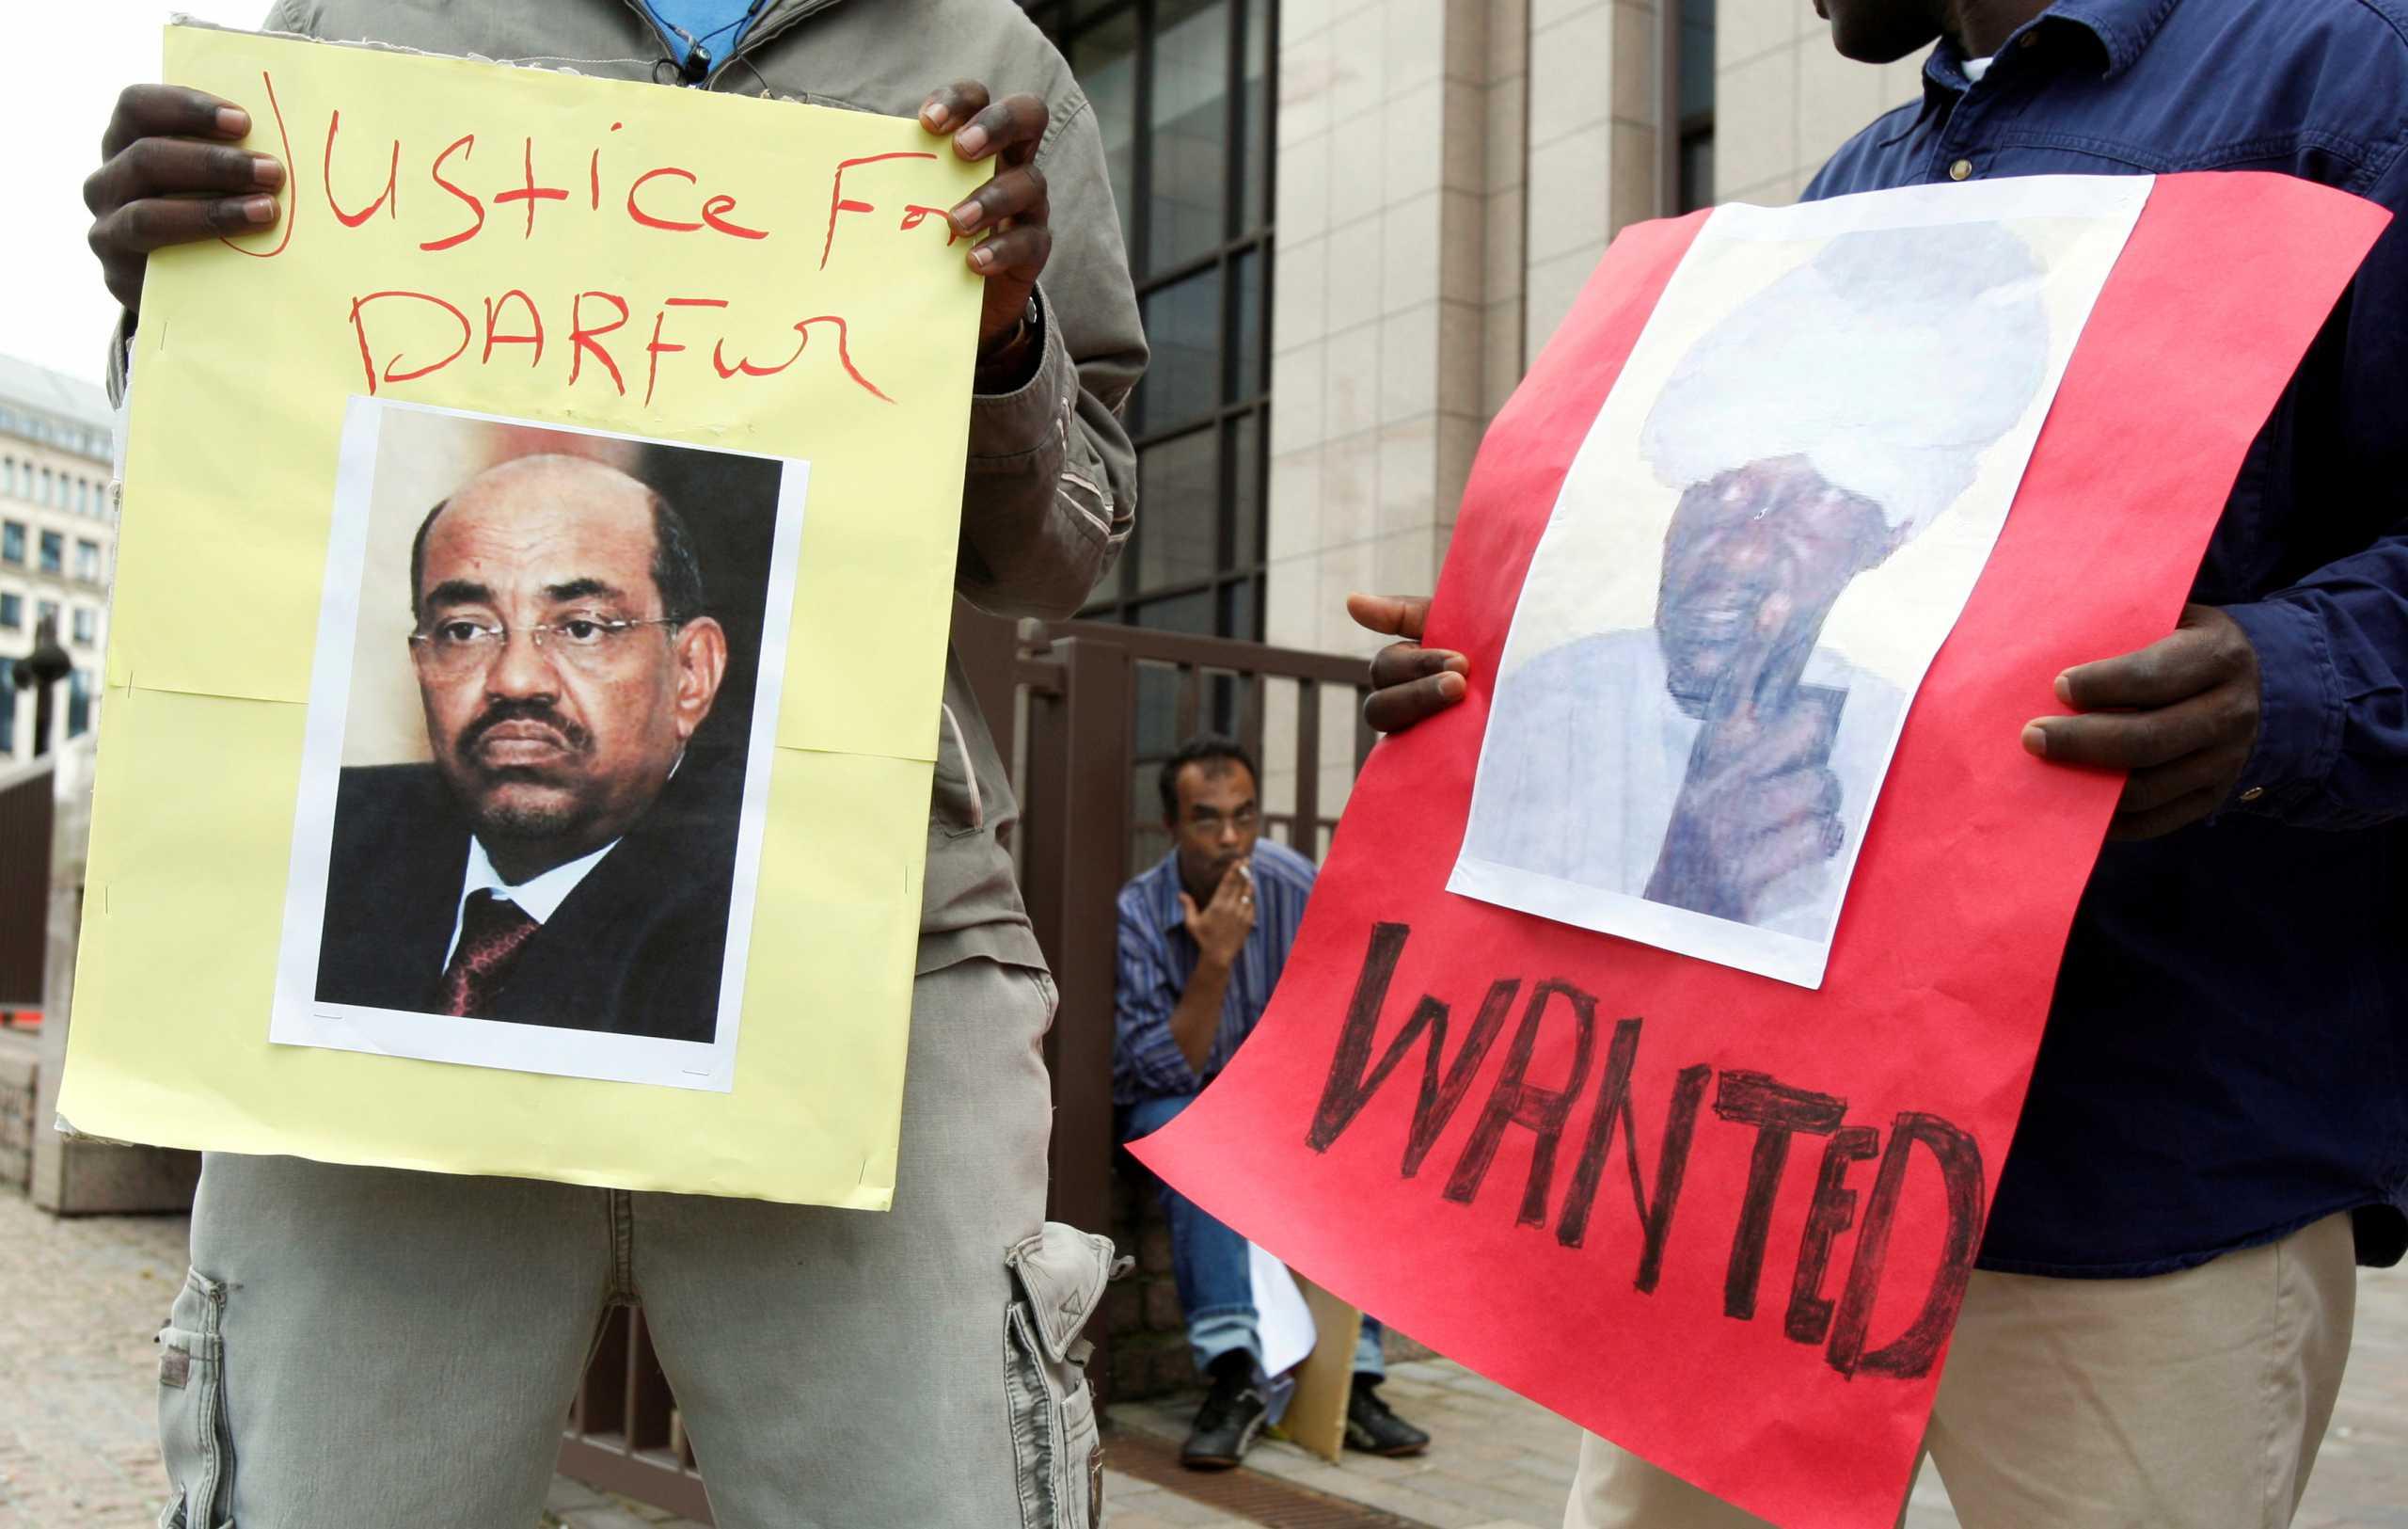 Το Σουδάν θα παραδώσει στο Διεθνές Ποινικό Δικαστήριο τον πρώην αρχηγό του κράτους